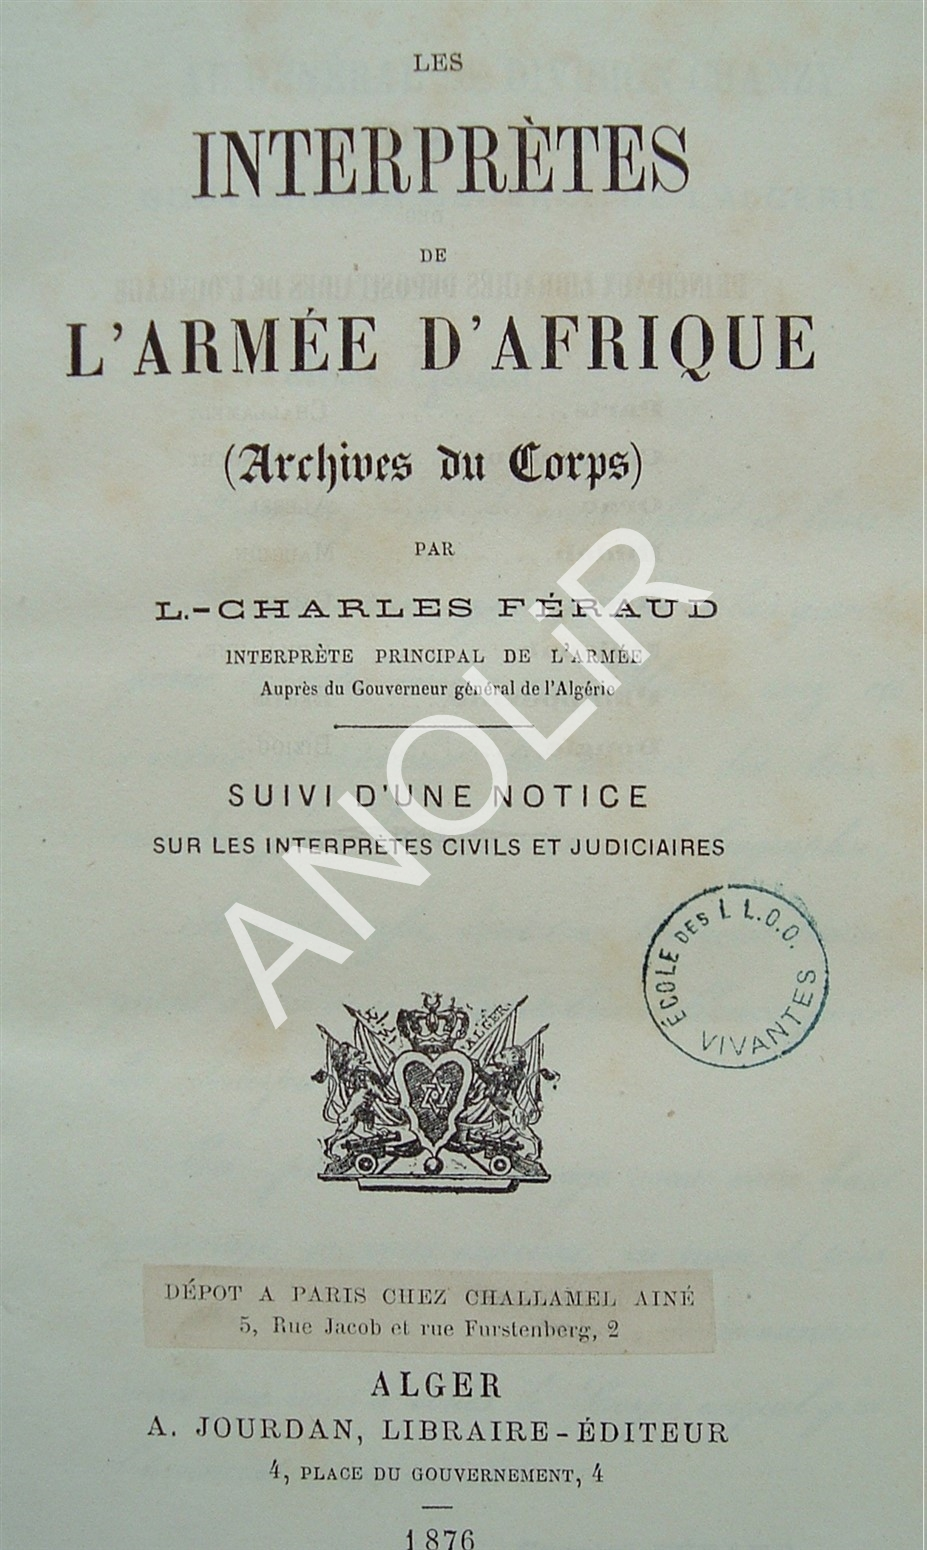 Les interprètes de l'Armée d'Afrique, 1876, Laurent-Charles FERAUD (extrait)